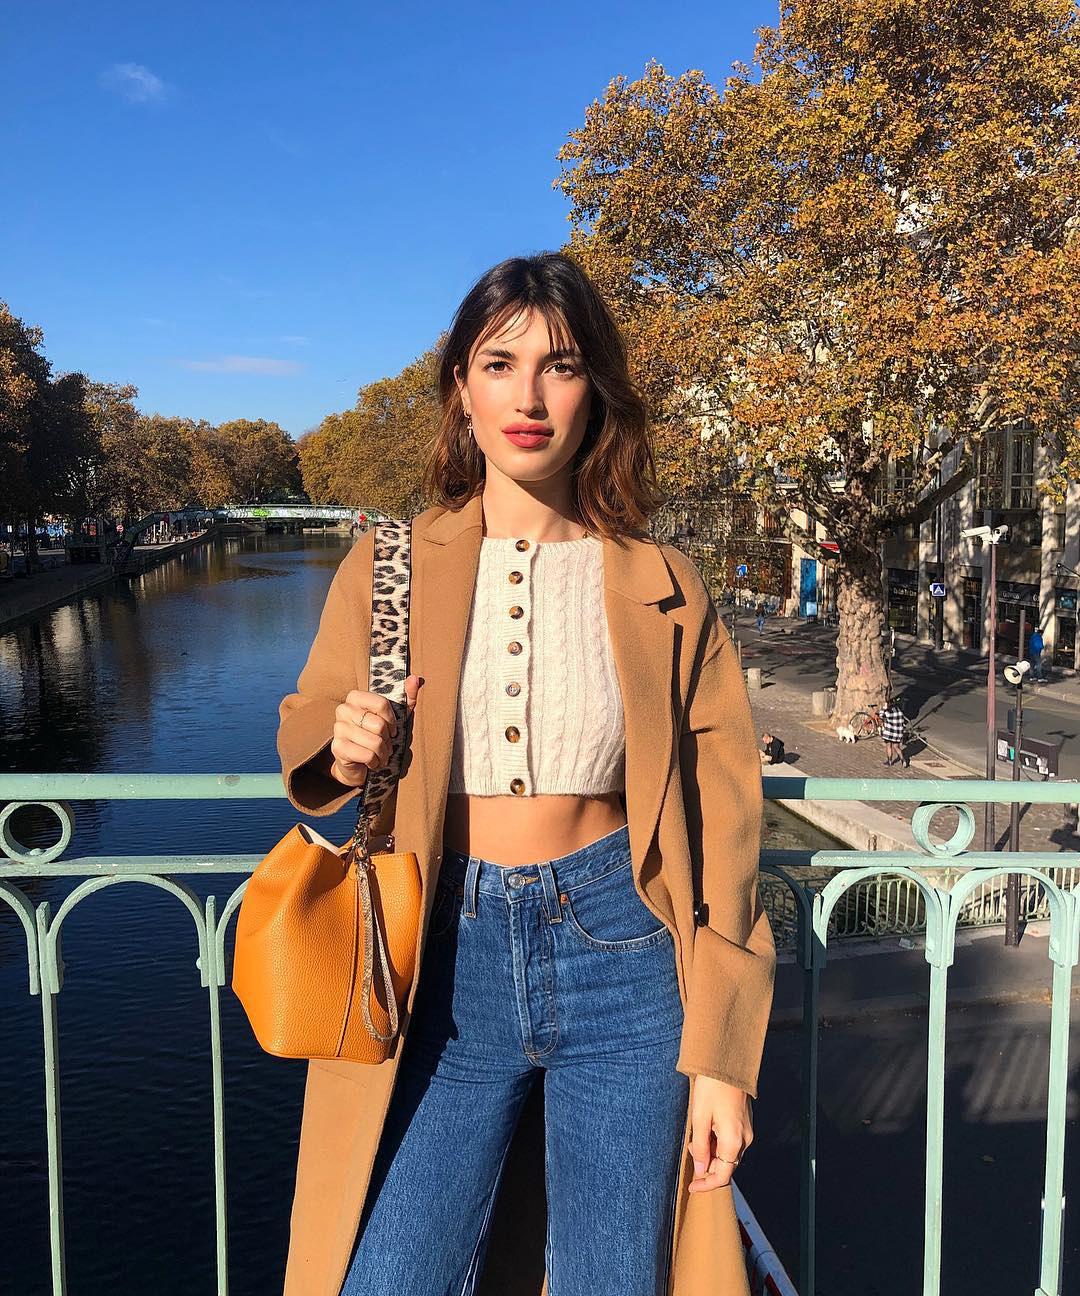 Không thể kìm lòng trước 5 cách diện áo len đẹp xỉu của phụ nữ Pháp, bạn sẽ muốn áp dụng bằng hết mới được - Ảnh 7